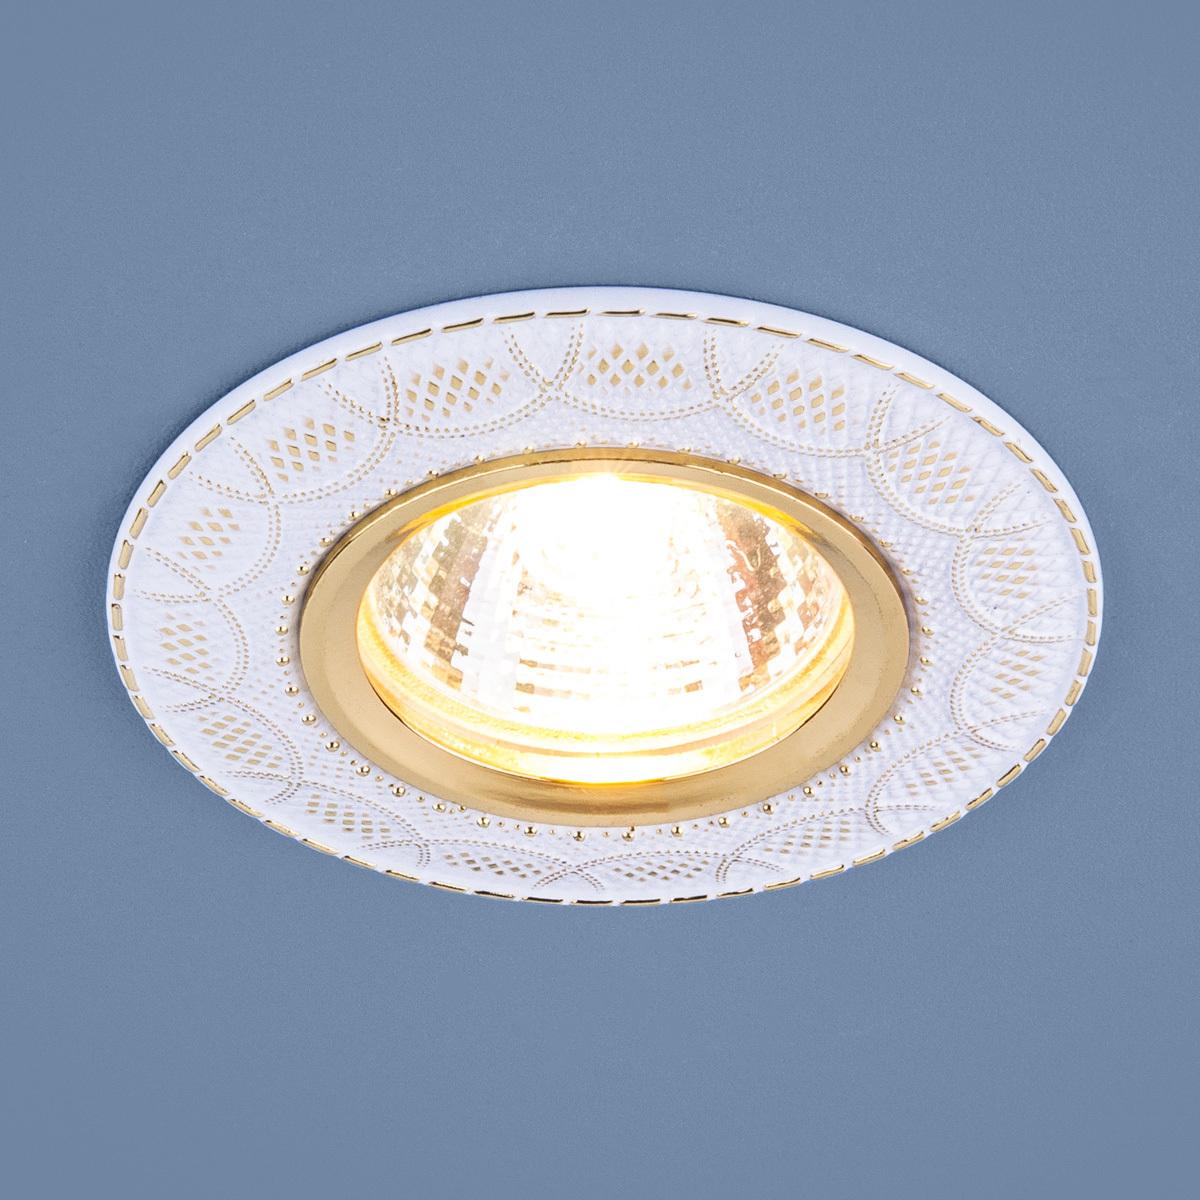 Встраиваемый светильник Elektrostandard 7010 MR16 WH/GD, G5.3 встраиваемый светильник elektrostandard 7002 mr16 wh gd белый золото 4690389082528